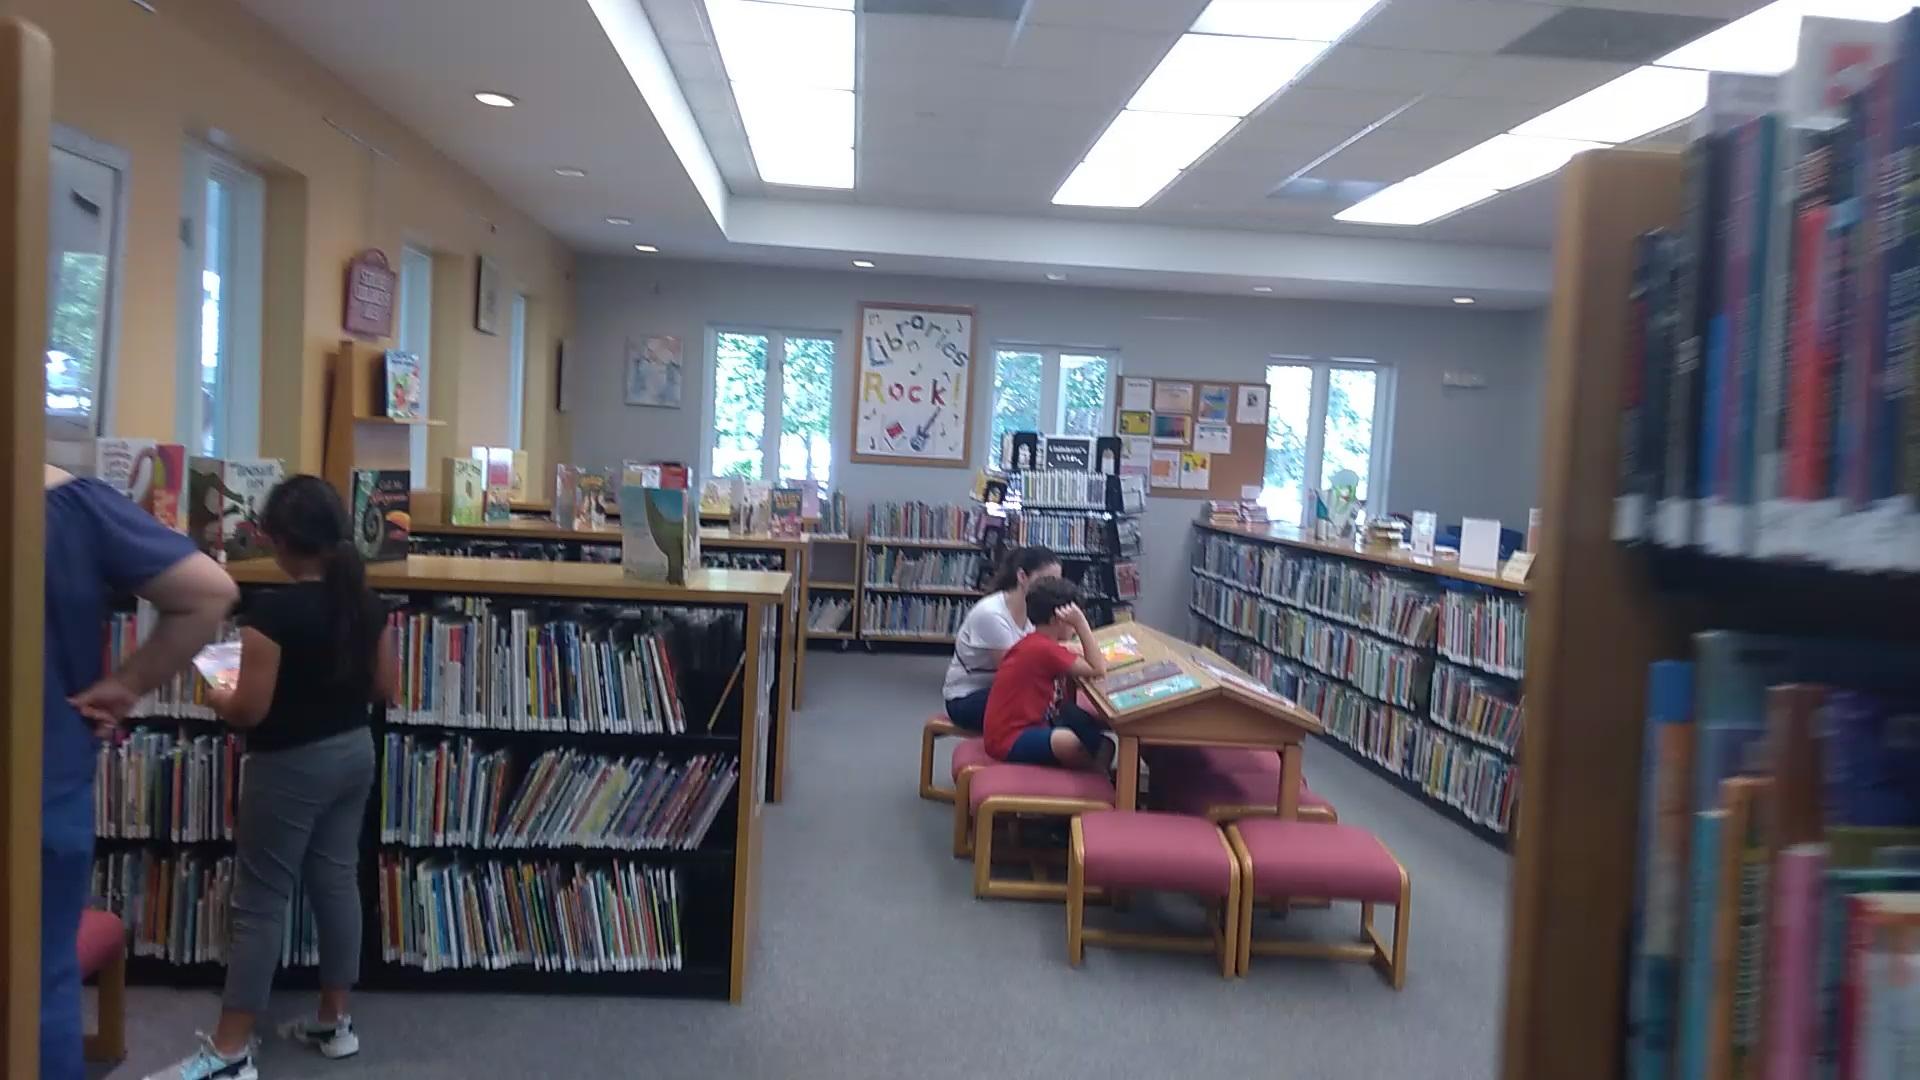 Biblioteca Publica em Windermere